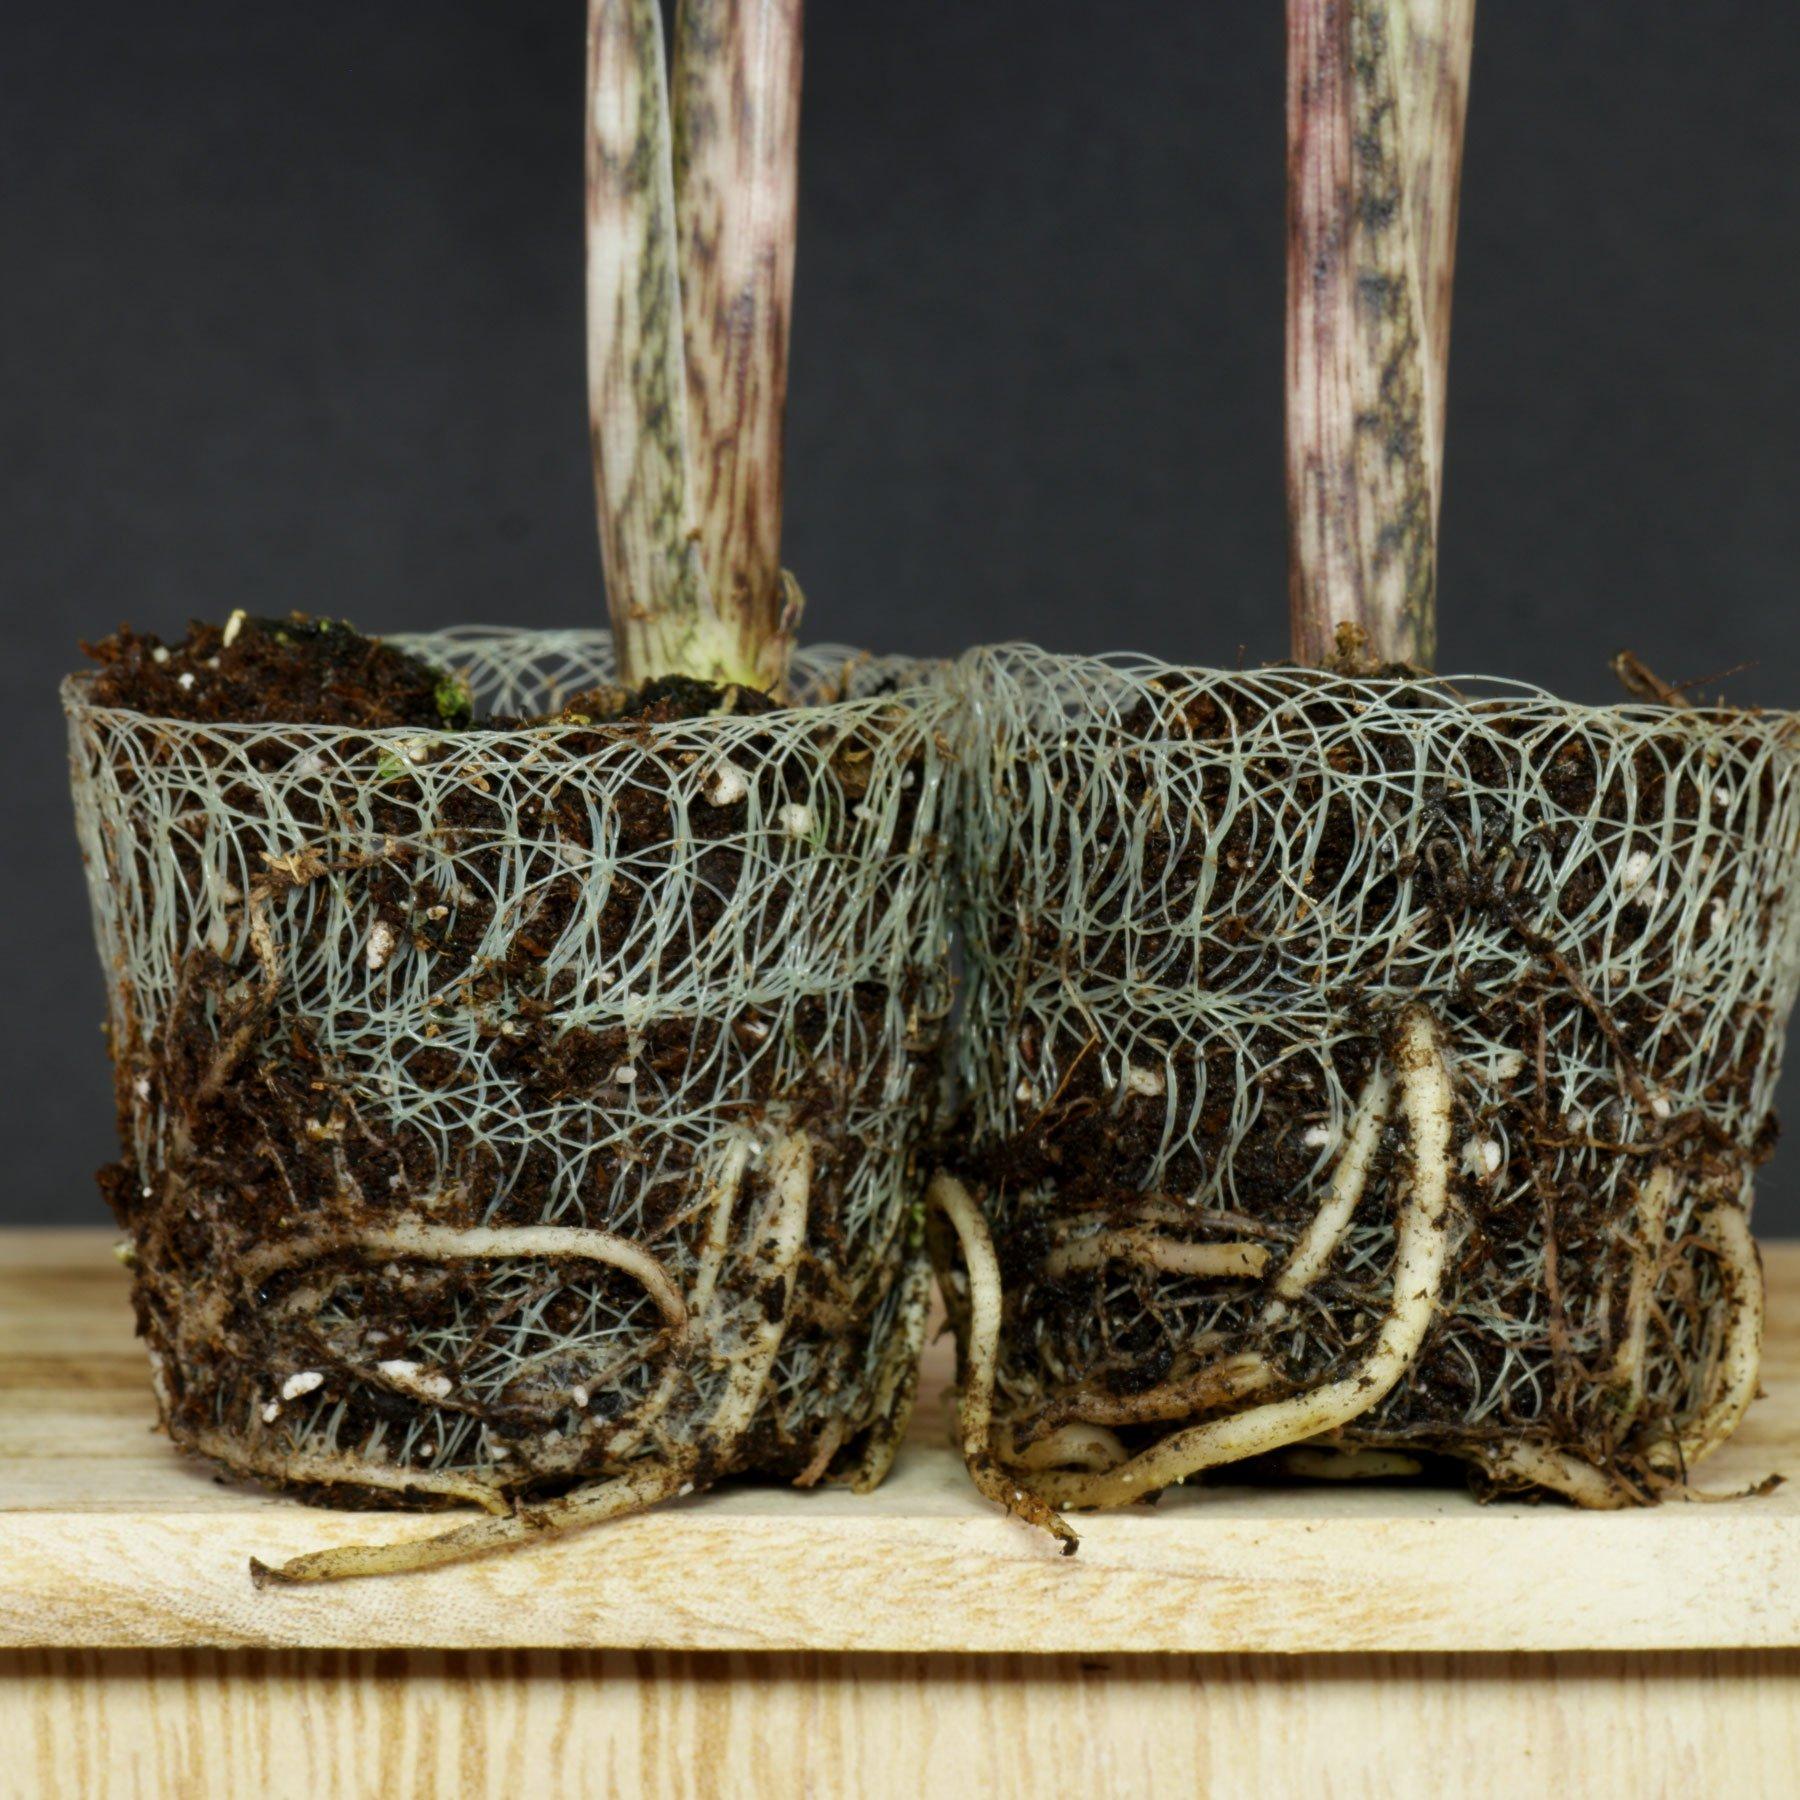 Alocasia zebrina Wurzeln